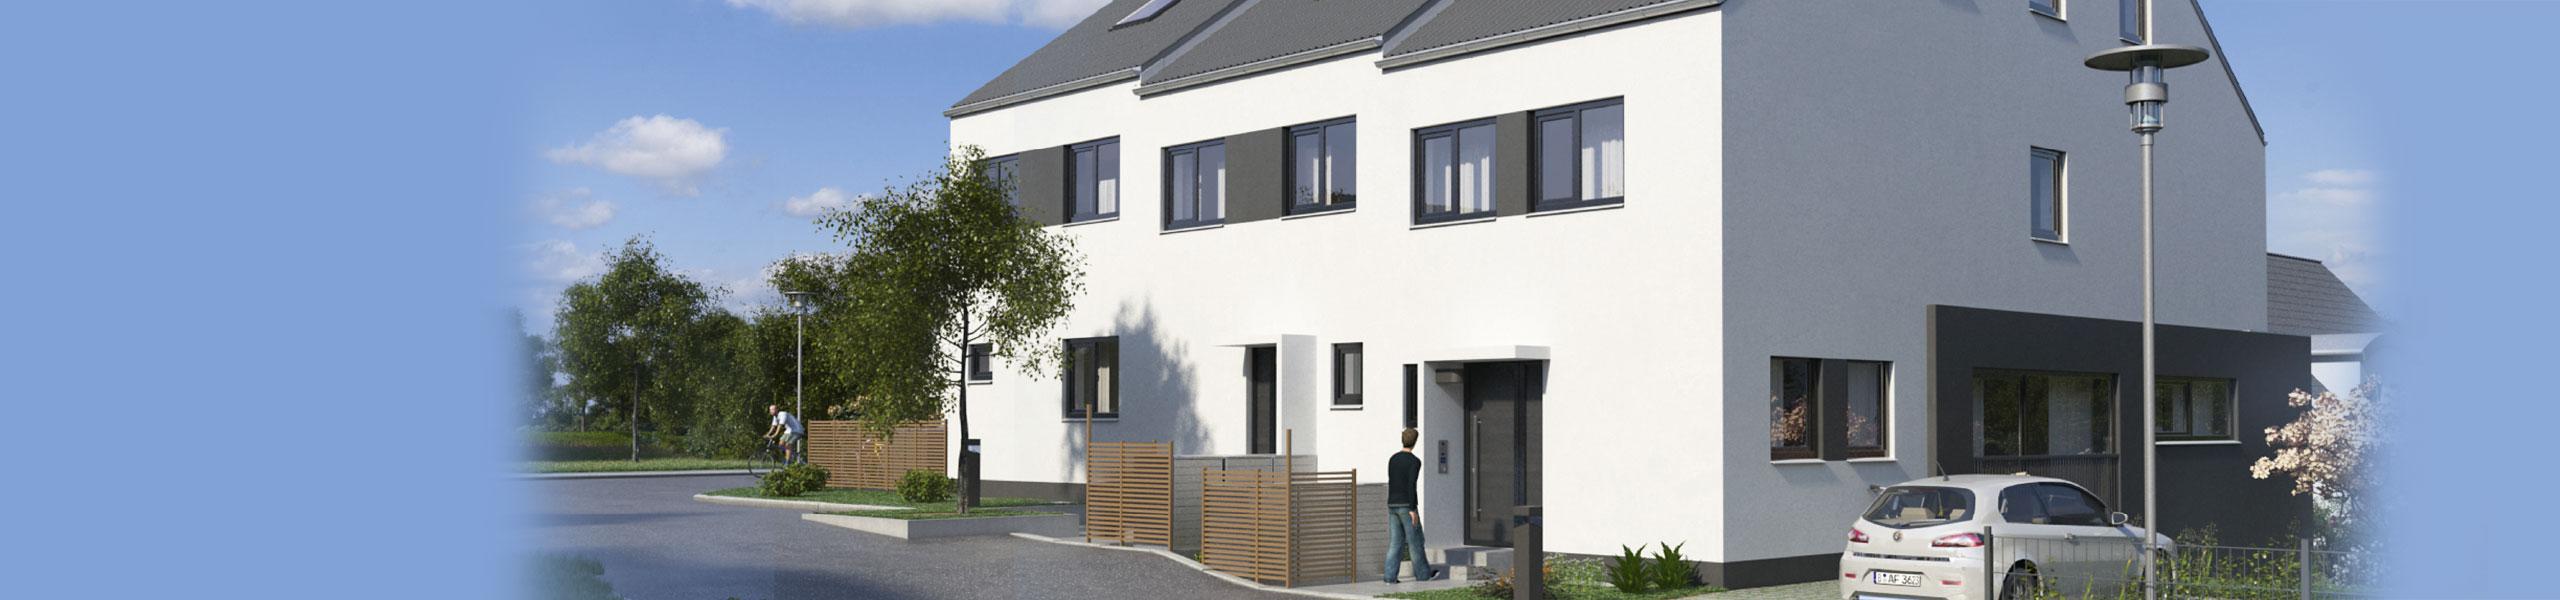 Bild eines unserer Neubauprojekte in Erbach. Sie gelangen hier zur Leistungsübersicht für Bauträger.